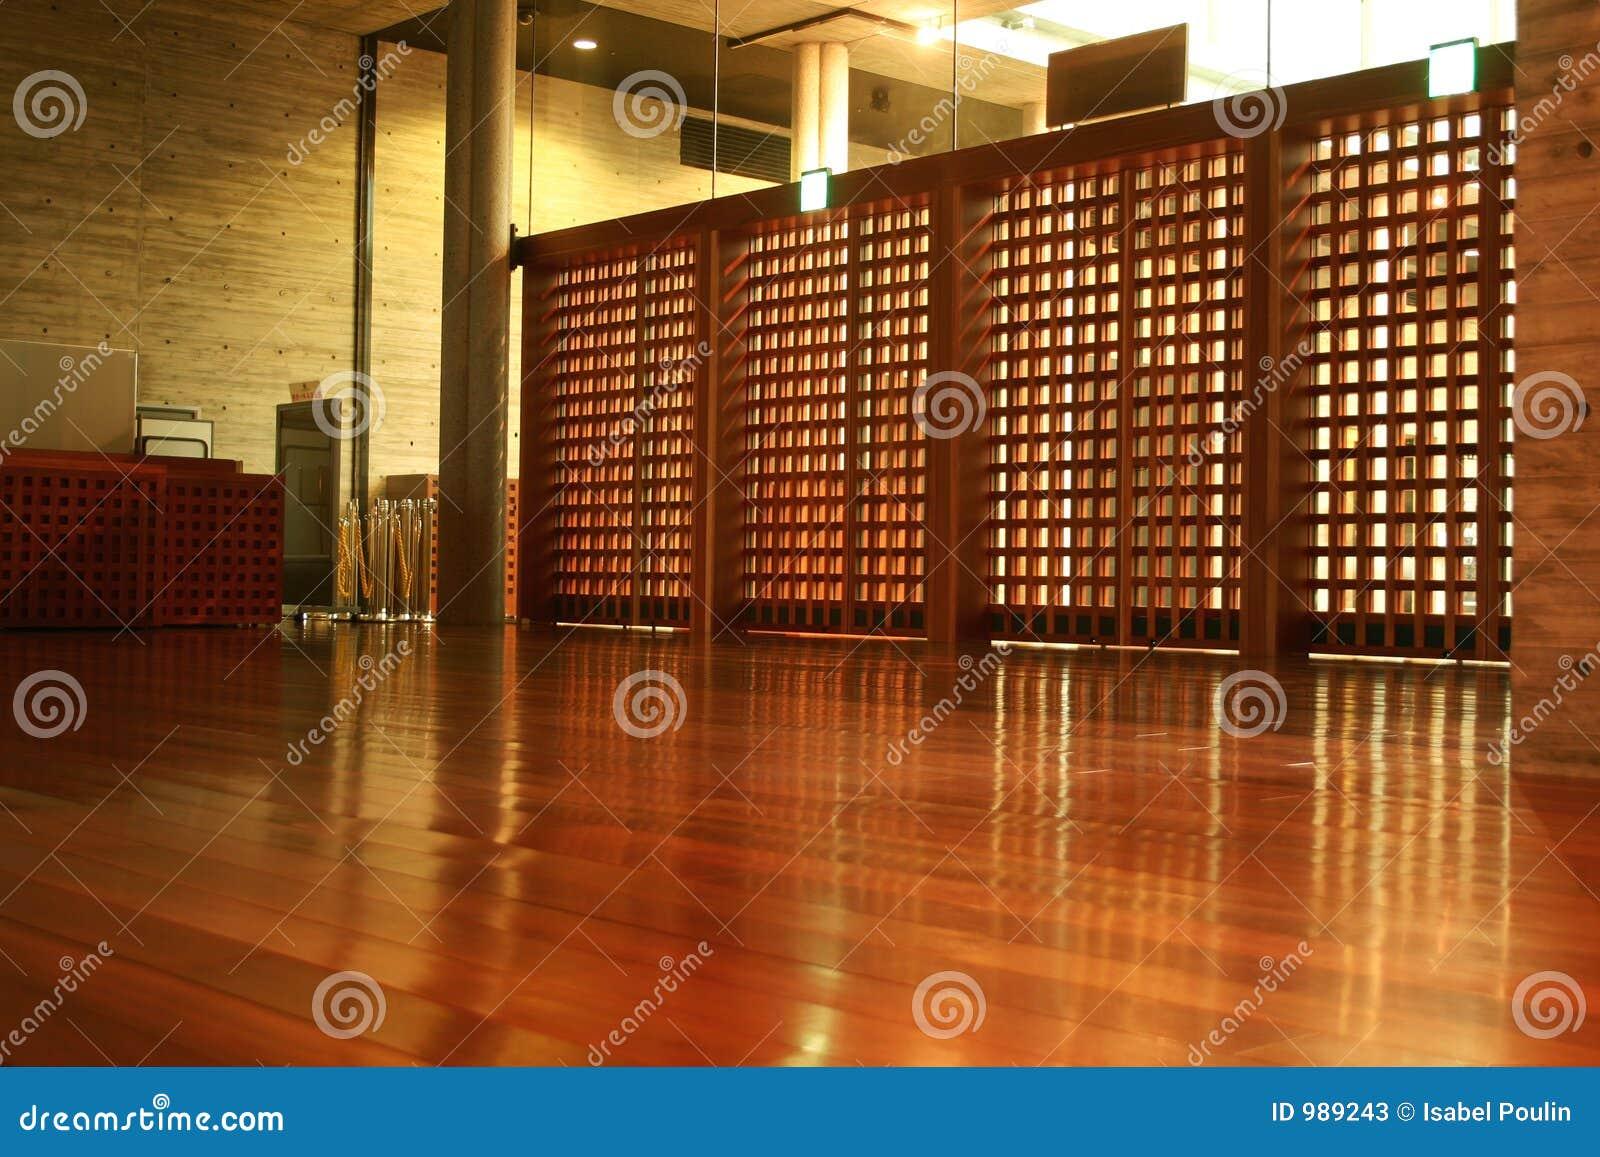 Japanische architektur stockfotos bild 989243 for Traditionelle japanische architektur